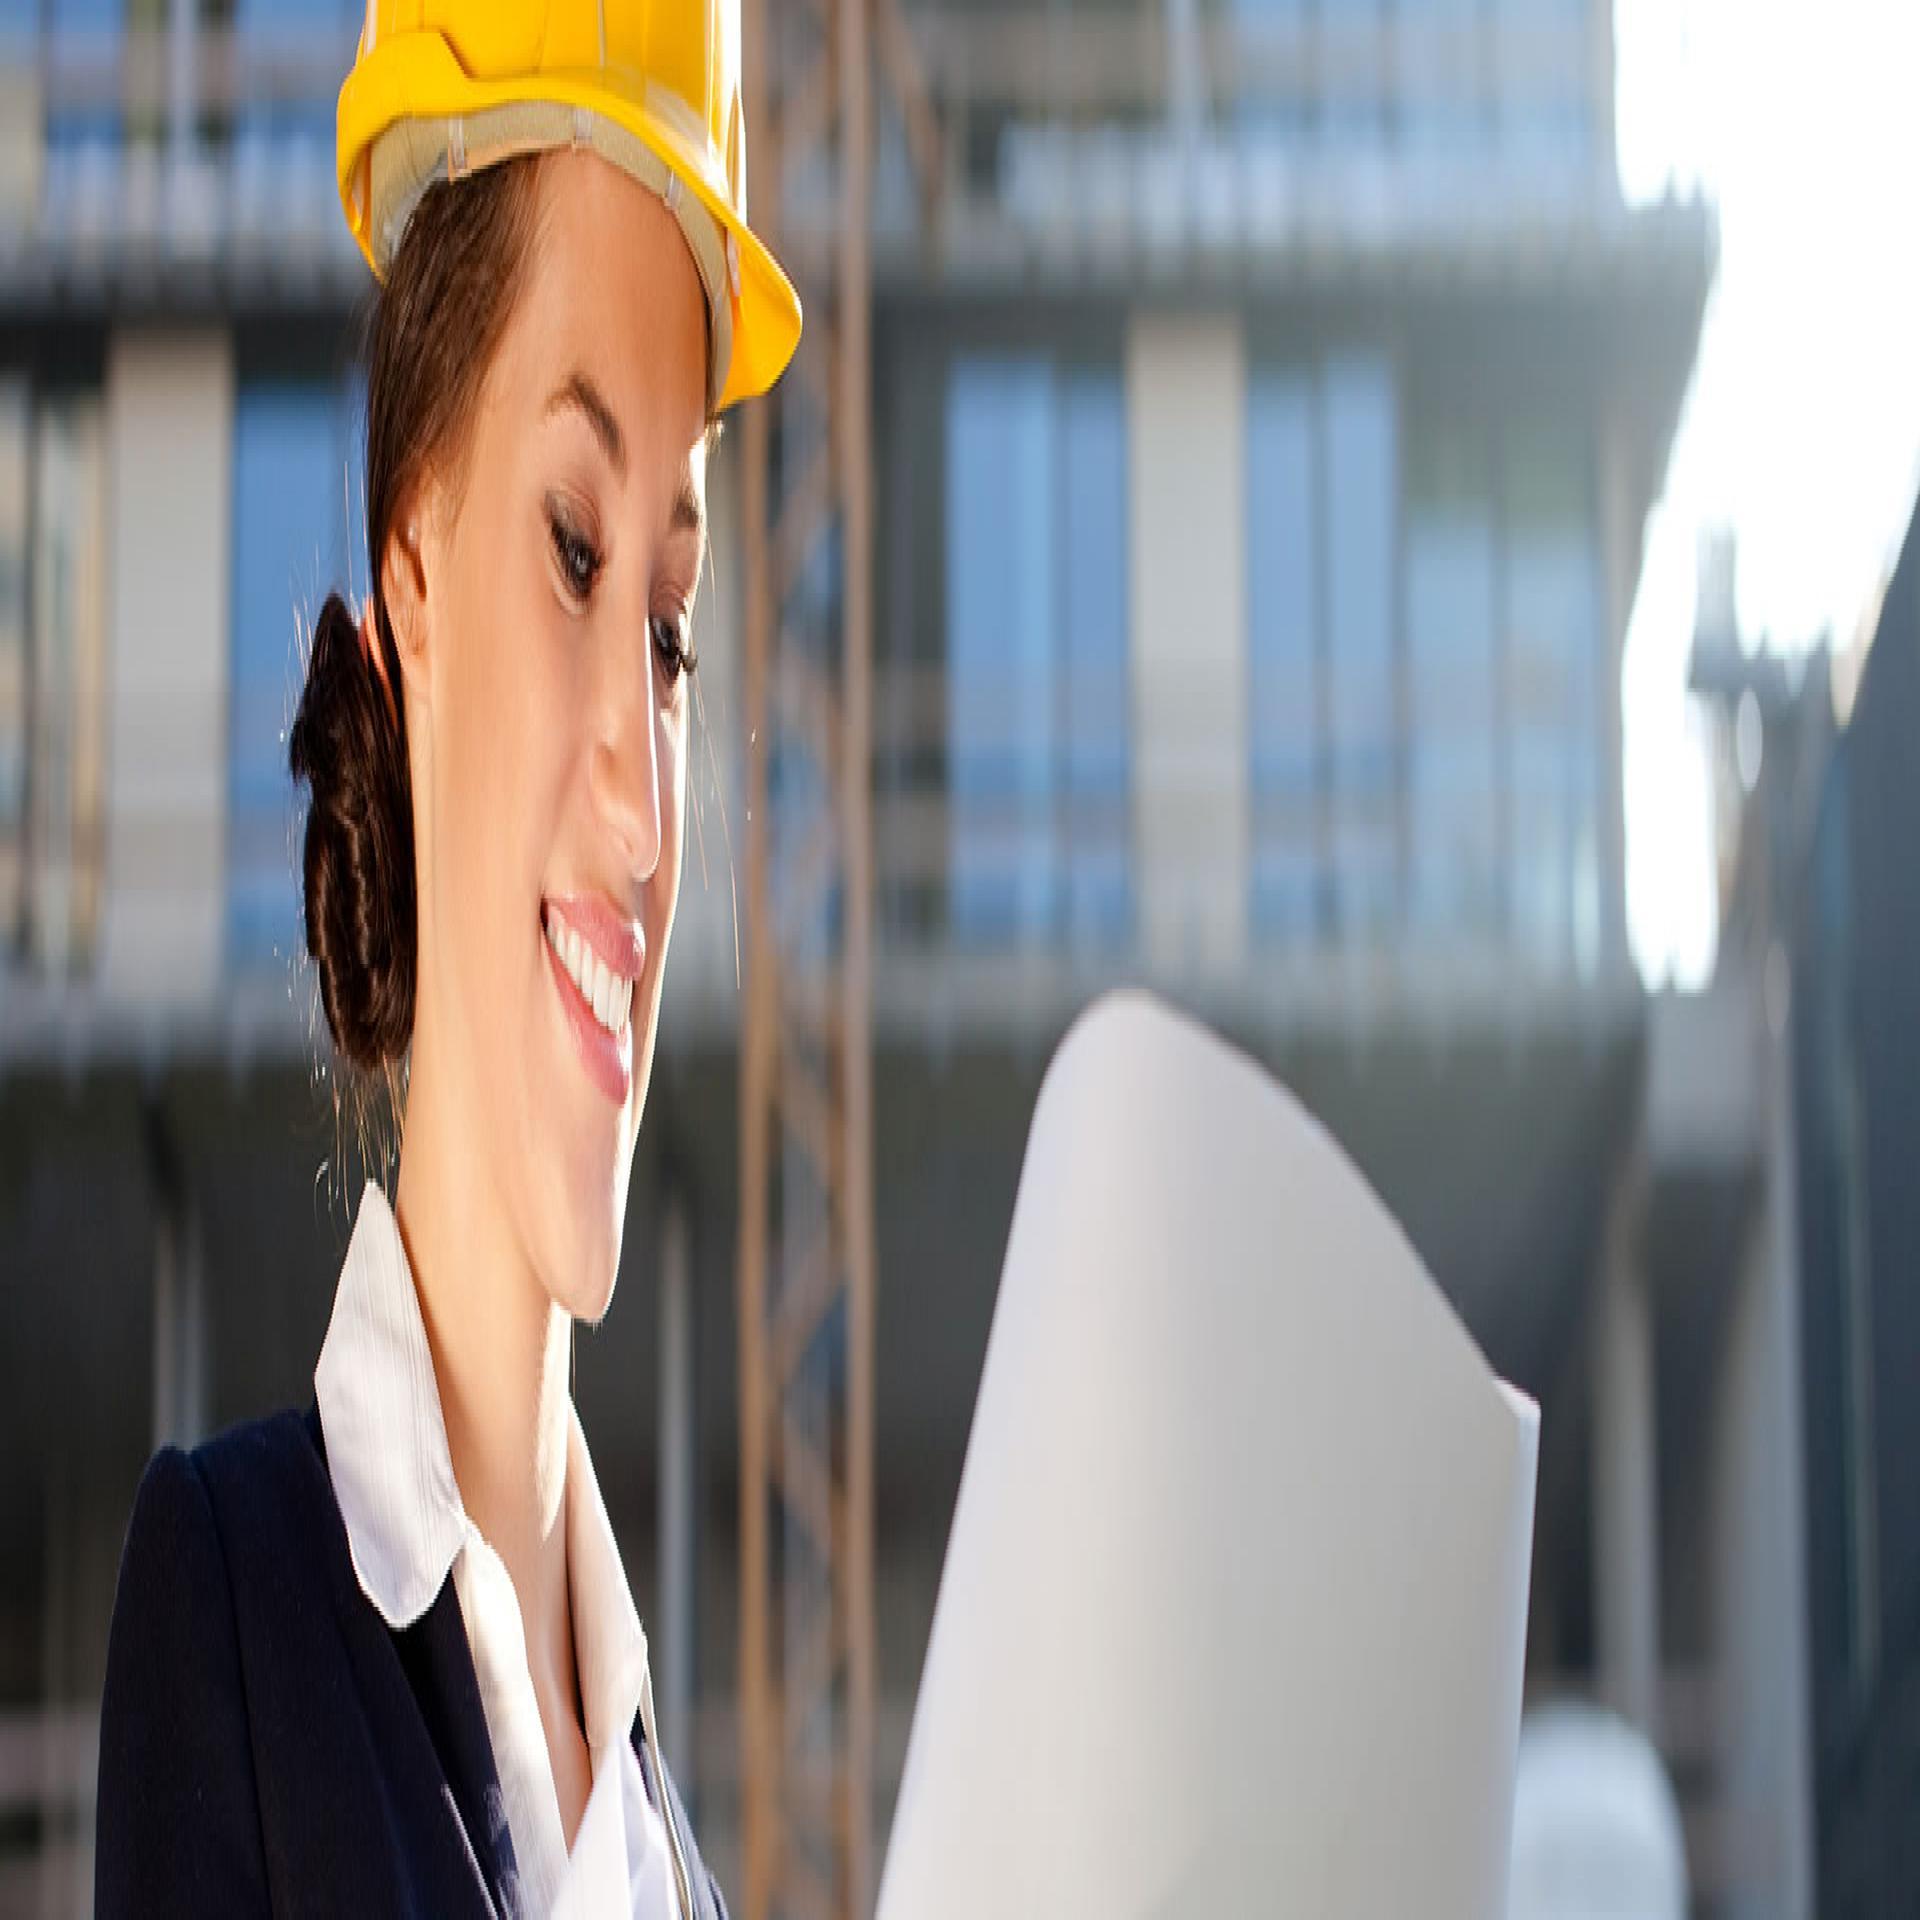 Soluções de excelência para projetos de engenharia